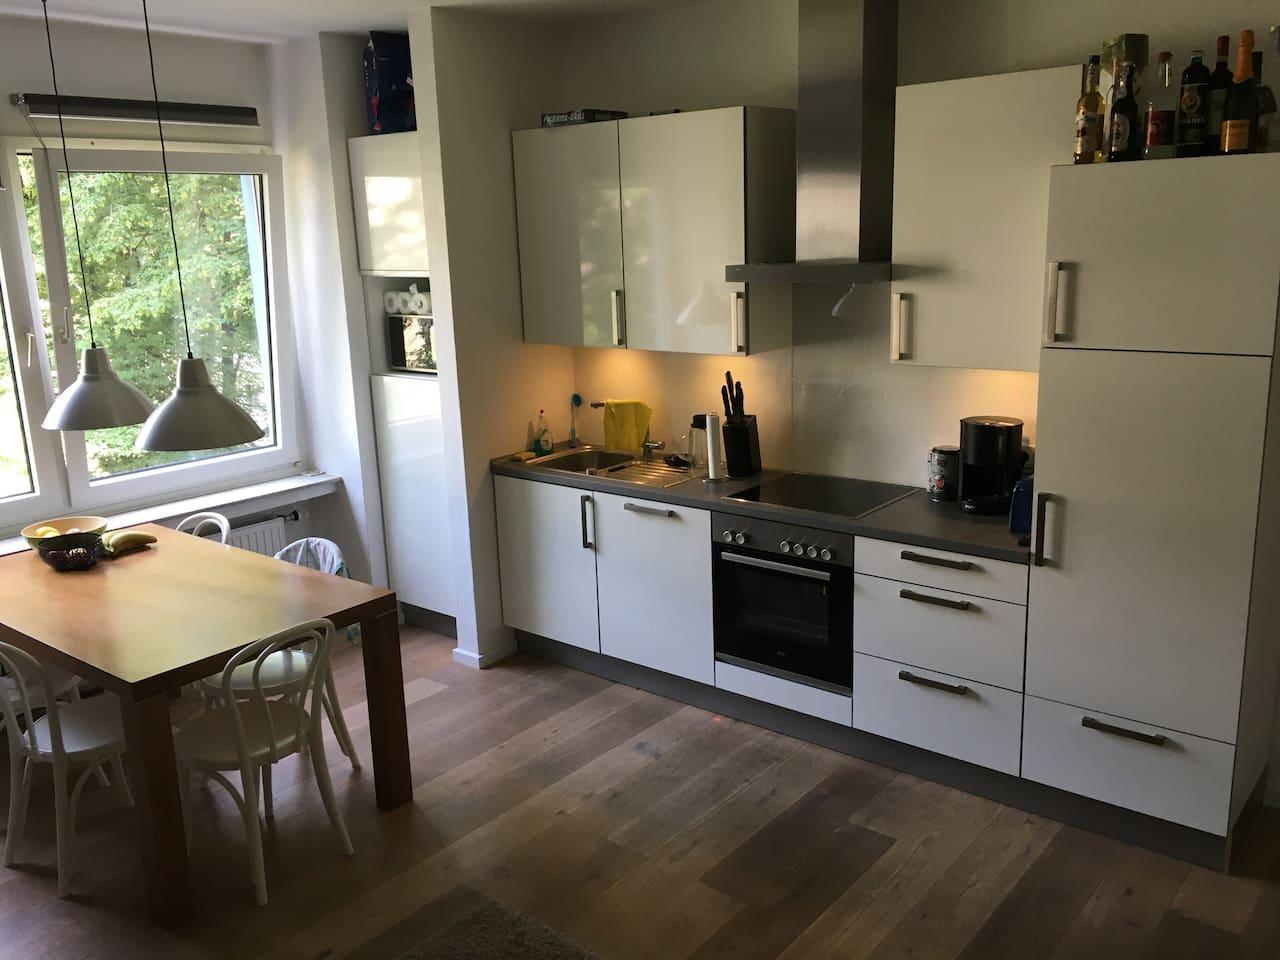 Wohnküche mit großer Eckcouch